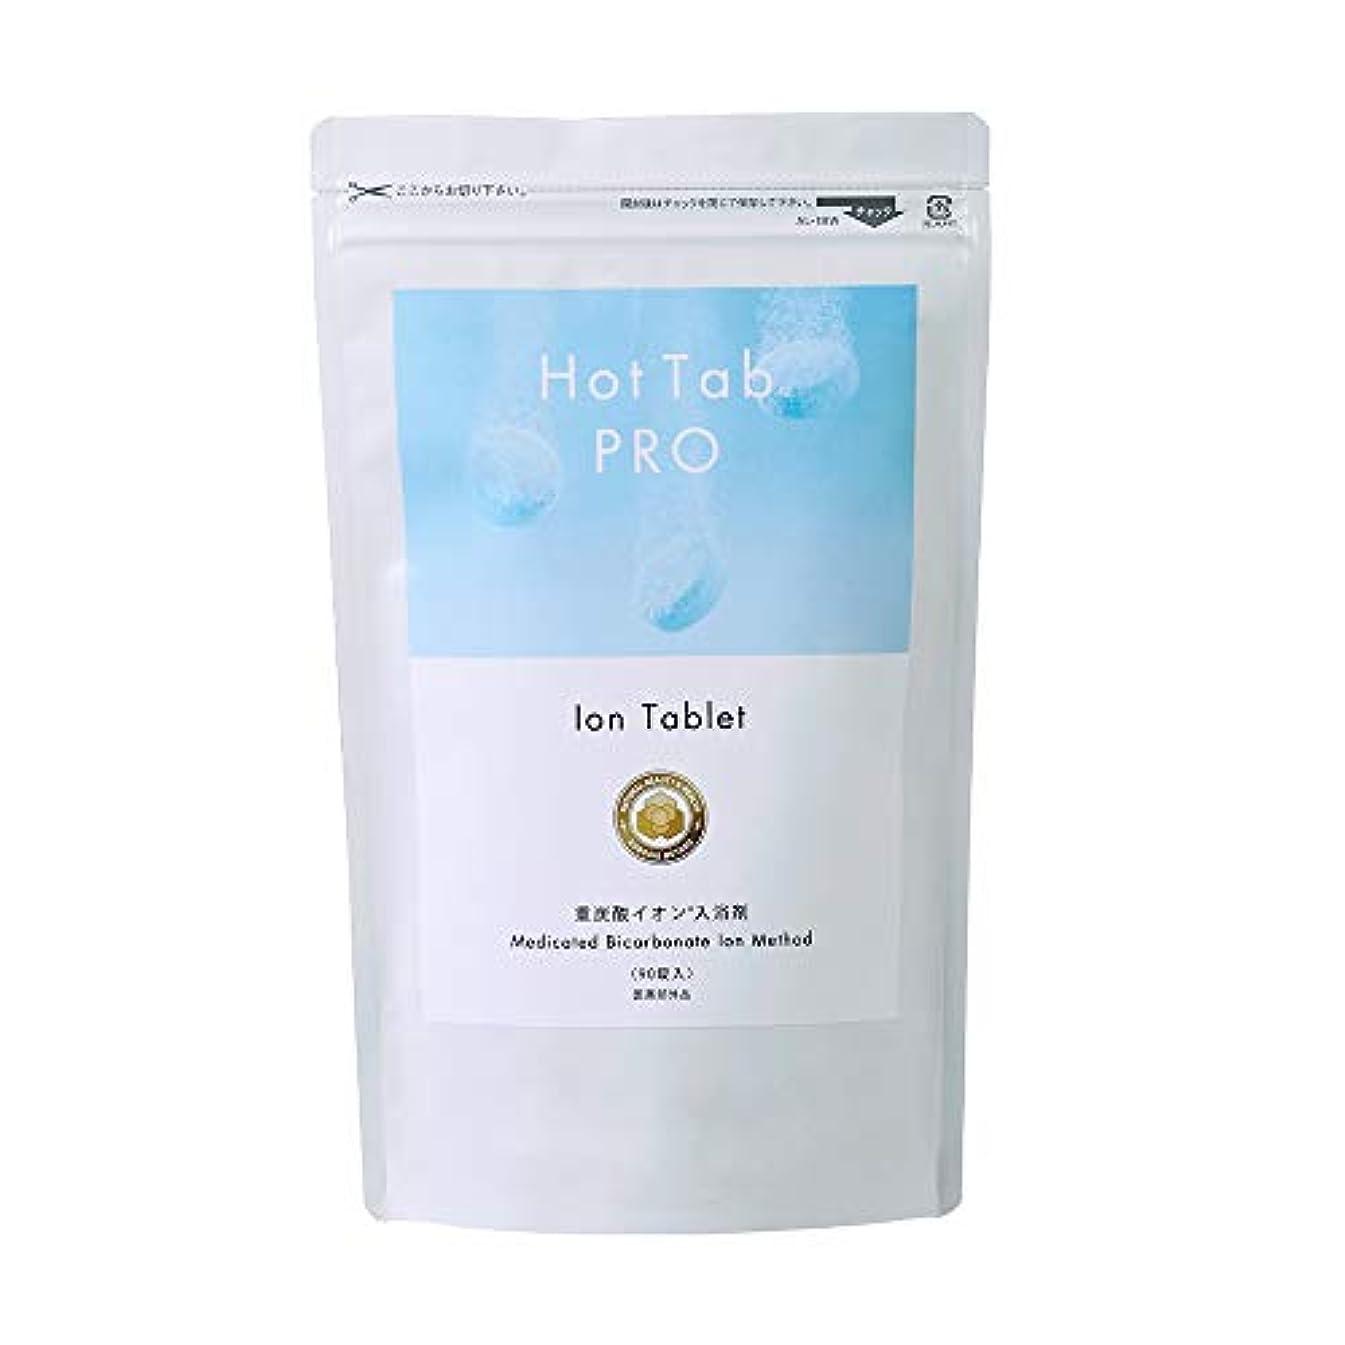 砂のバイオレット本質的に最新型 日本製なめらか重炭酸入浴剤「ホットタブPro」(デリケートな肌でも安心 無香料 無着色 中性pH) (お得な90錠セット)